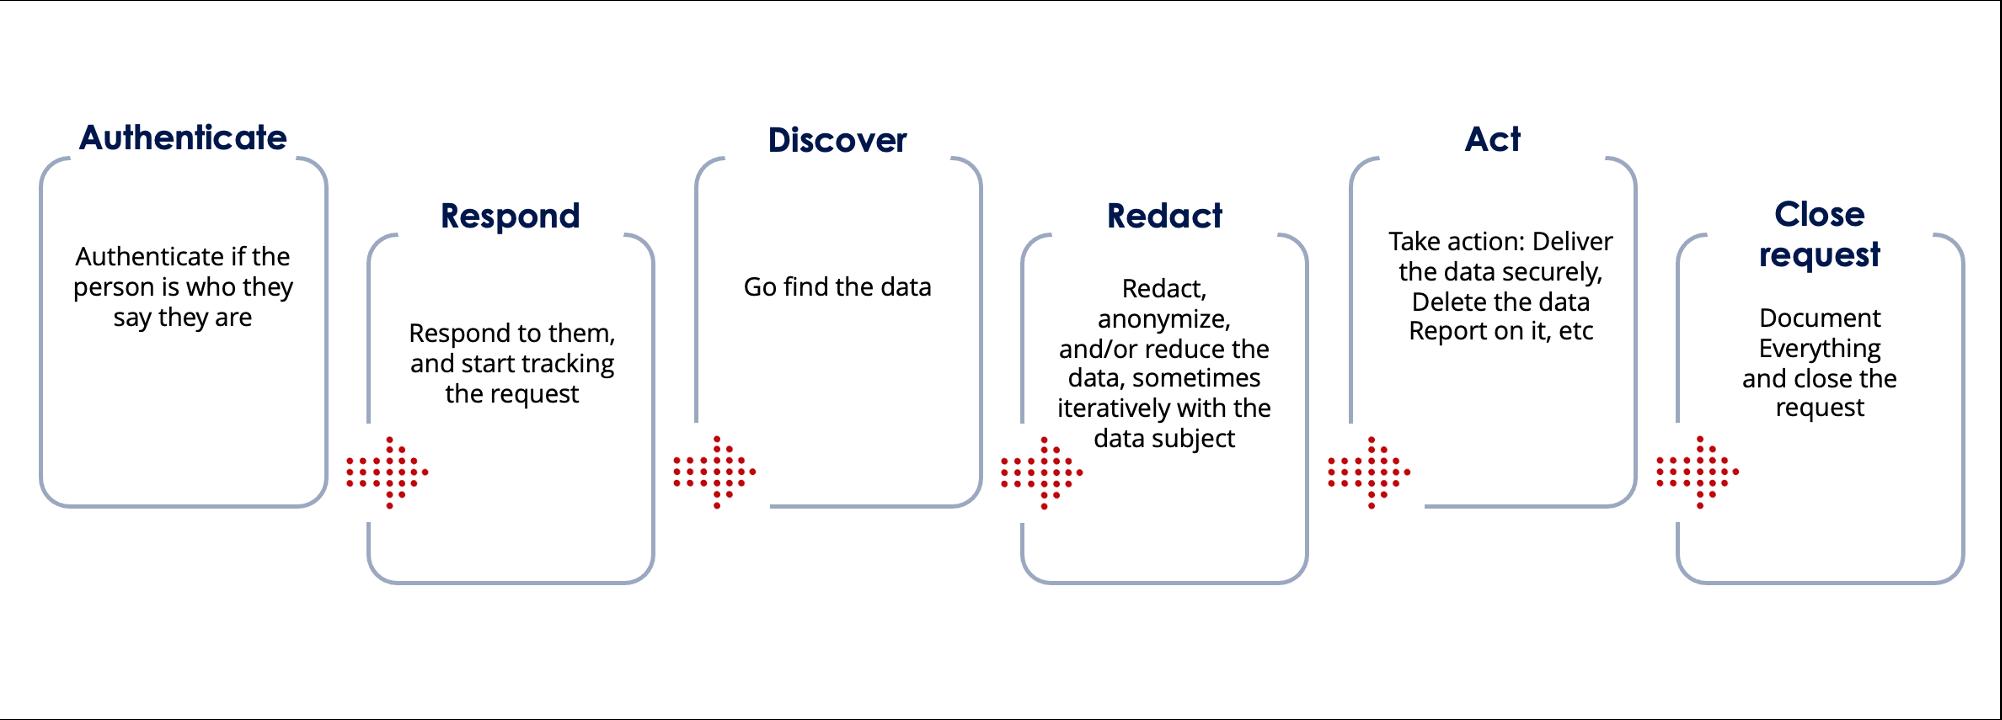 DSAR response workflow